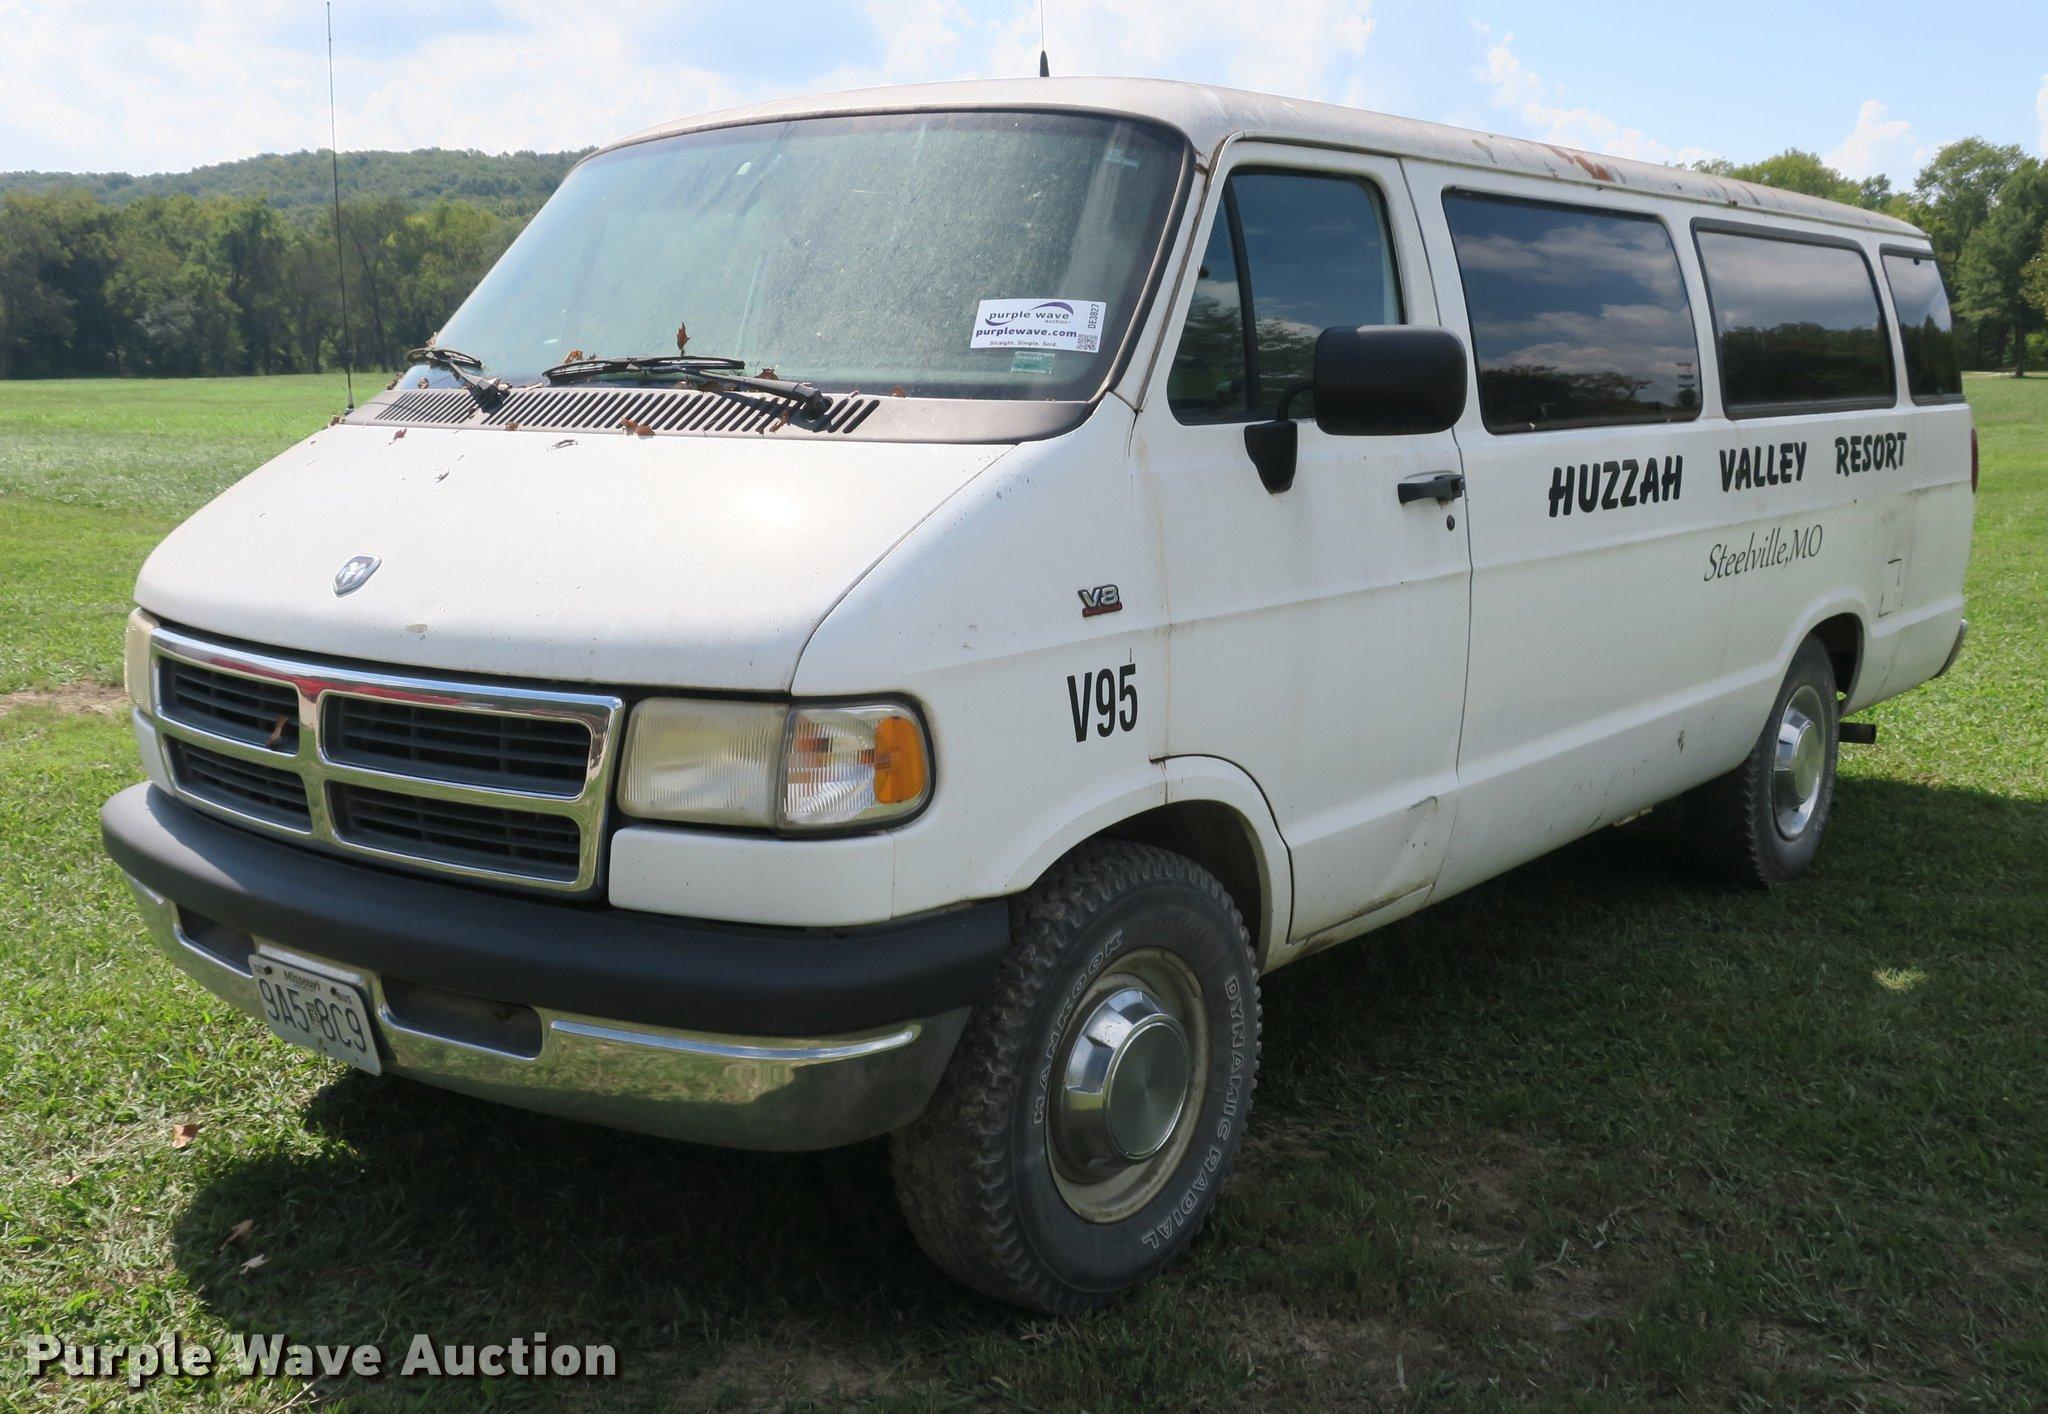 Dodge ram wagon van item de wednesday oct JPG 2048x1414 1995 dodge b3500 van